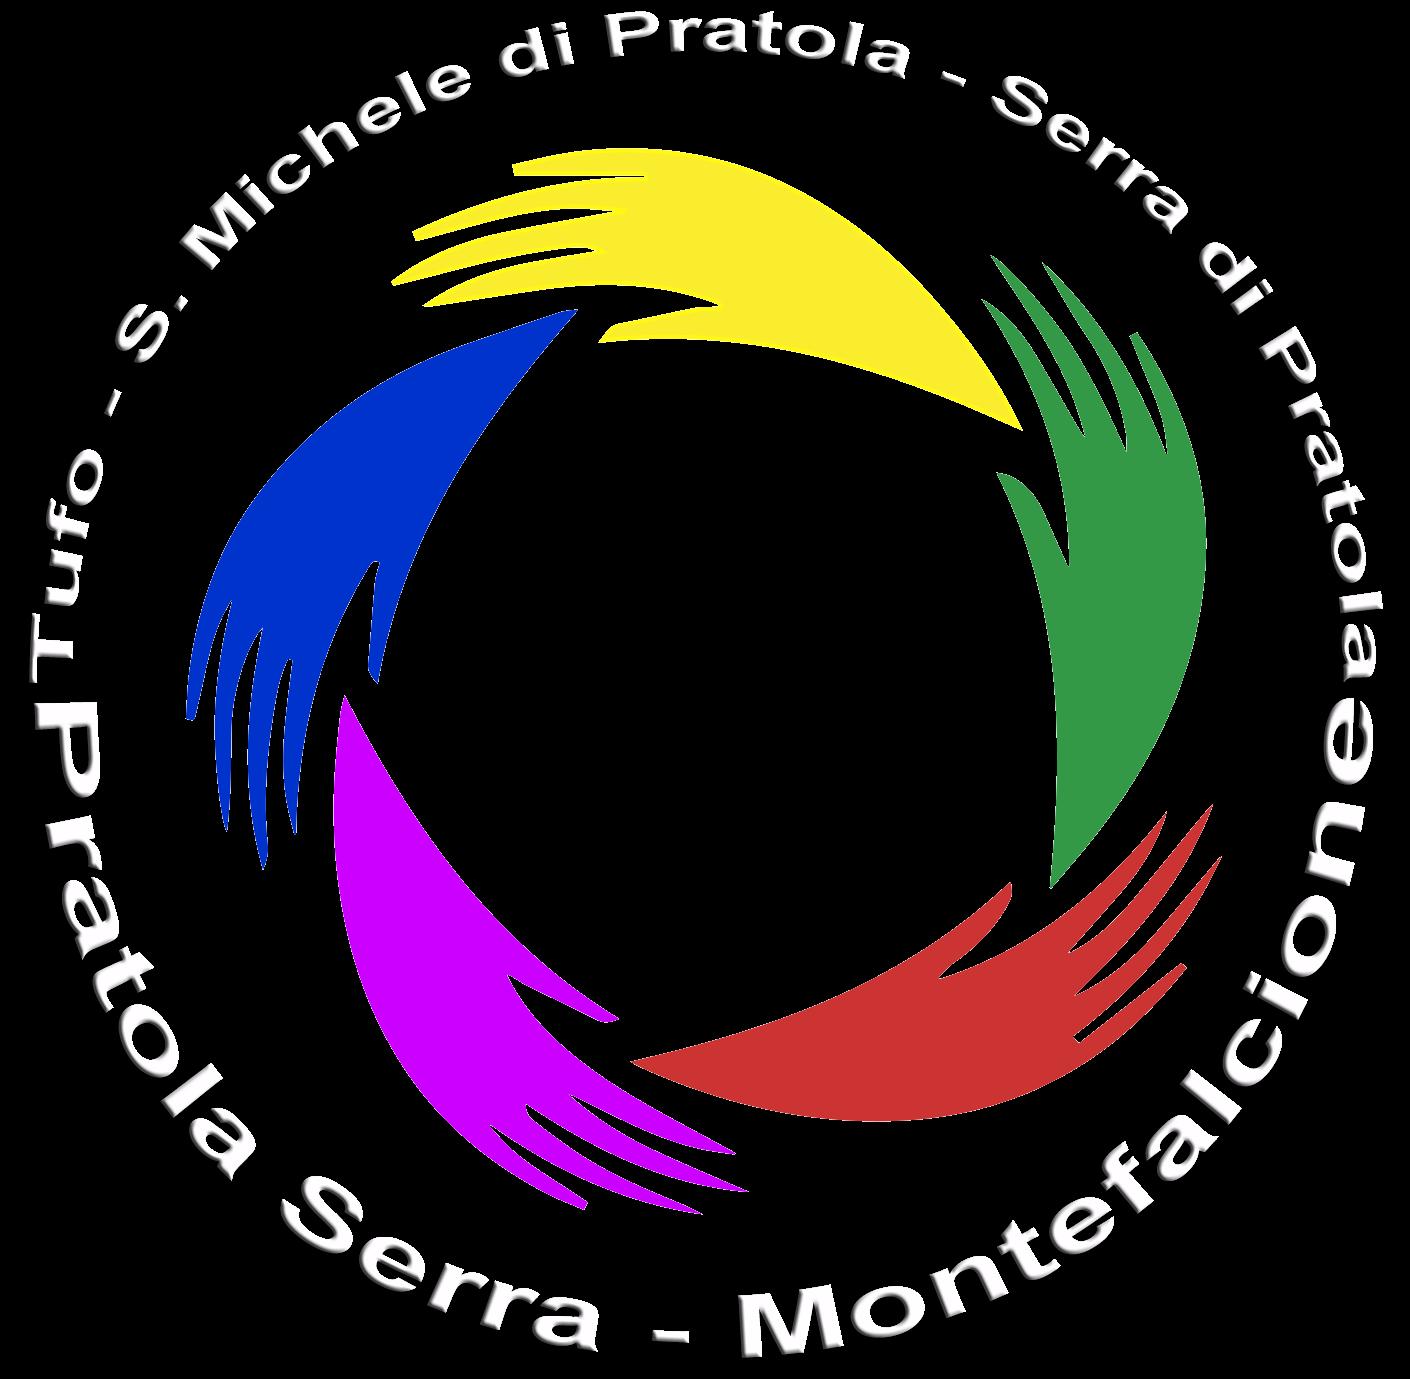 Istituto Comprensivo Pratola Serra (AV)